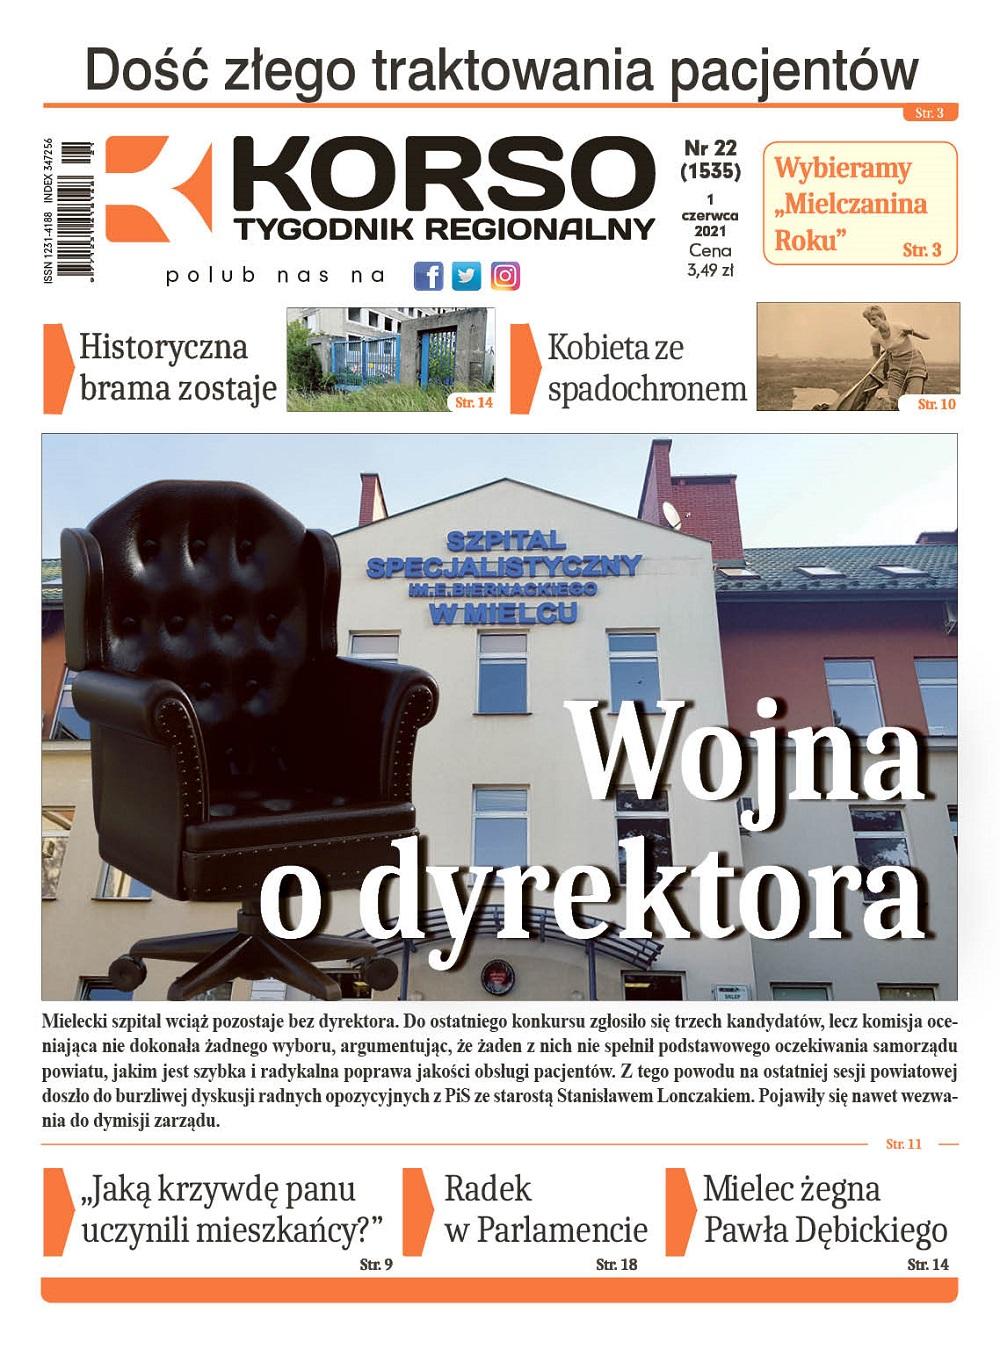 Tygodnik Regionalny KORSO nr 22/2021 - Zdjęcie główne